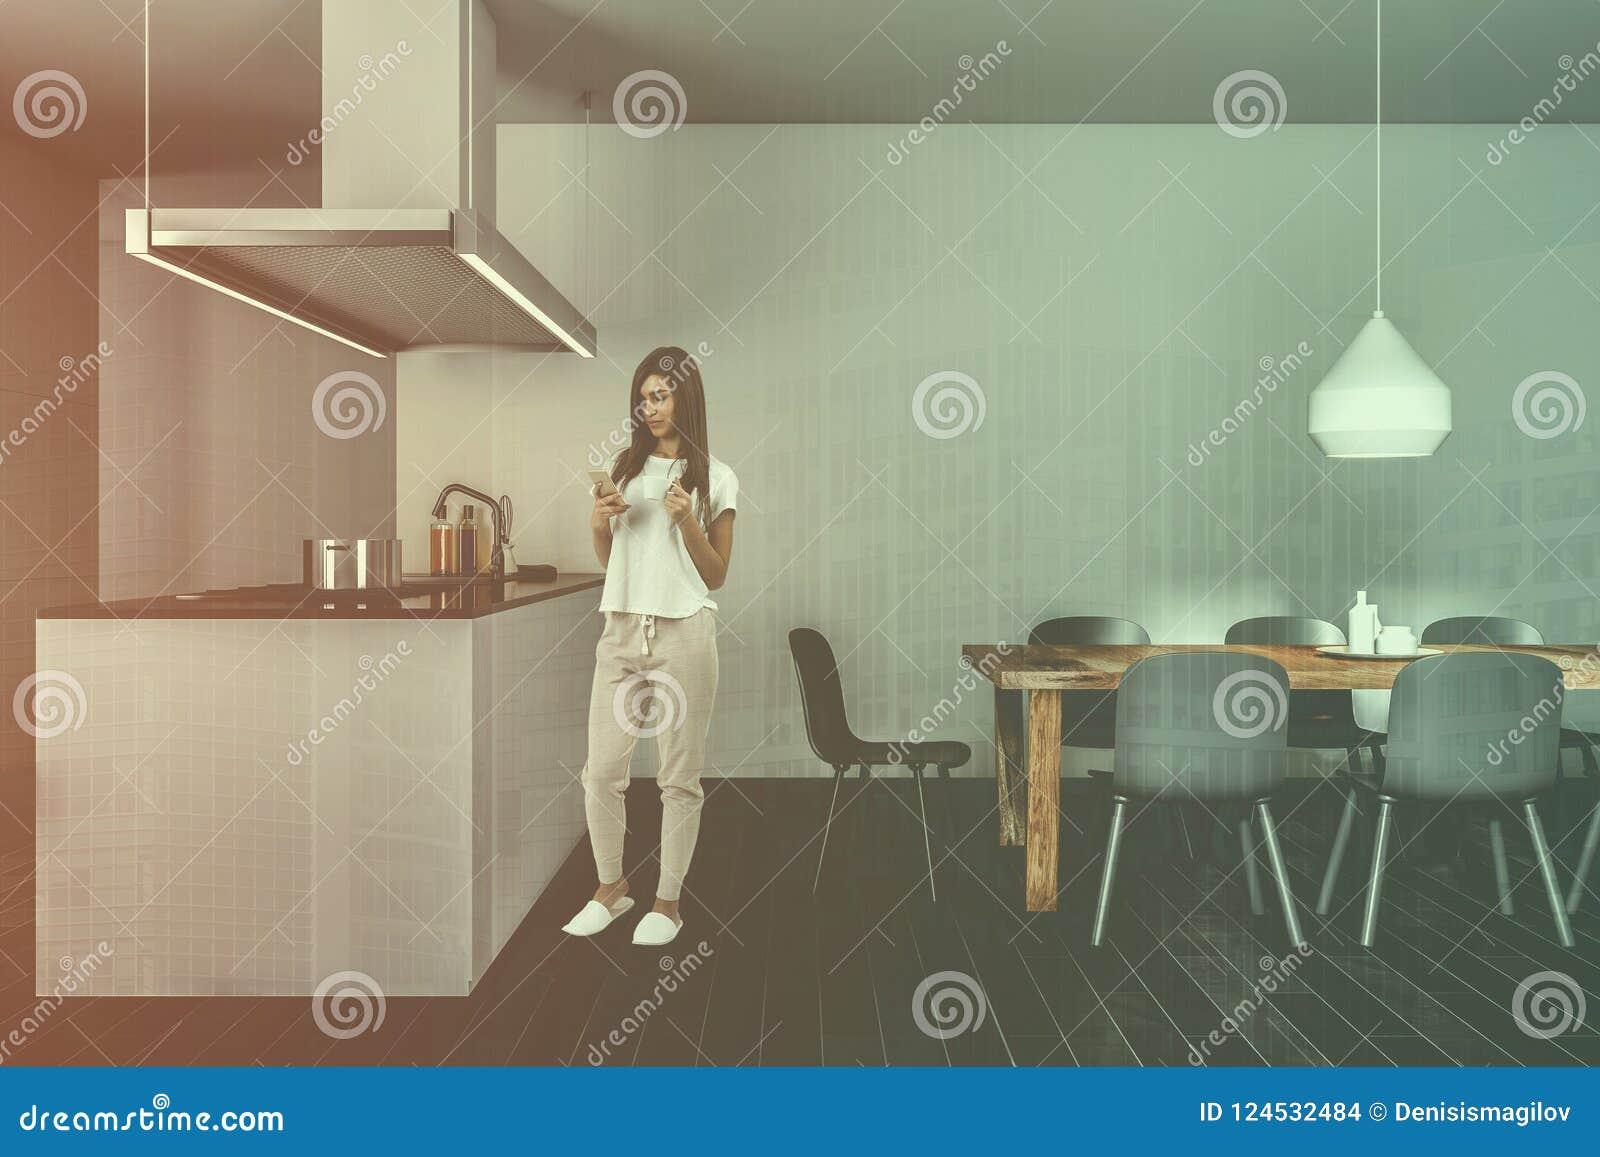 Ciemna Drewniana Podłogowa Kuchnia Wyspa Stół I Kobieta